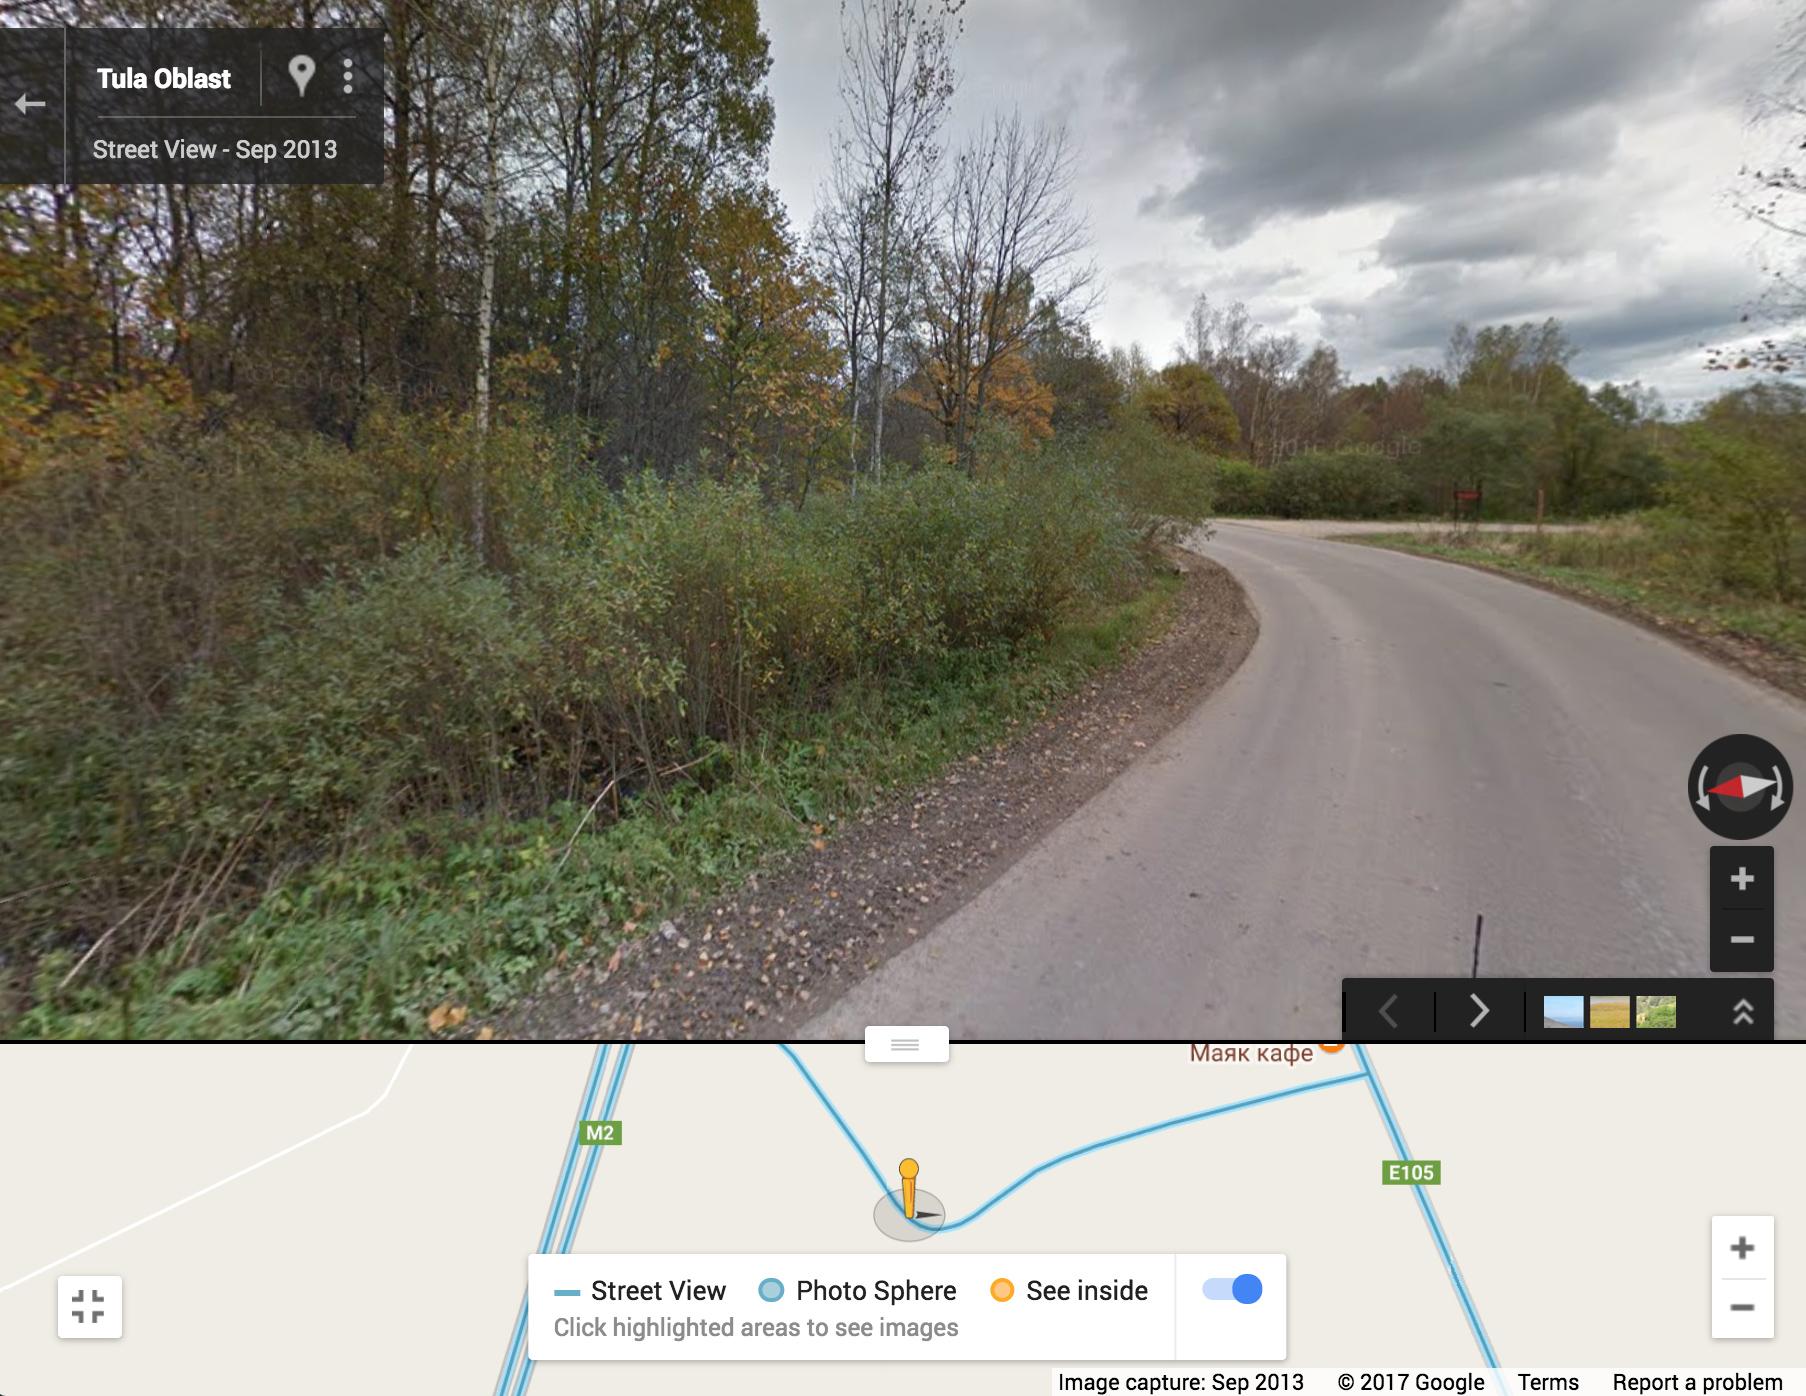 Сомнительное место: дорога петляет, водитель напрягается. Ему не до автостопщика, хочется поскорее проехать опасный участок